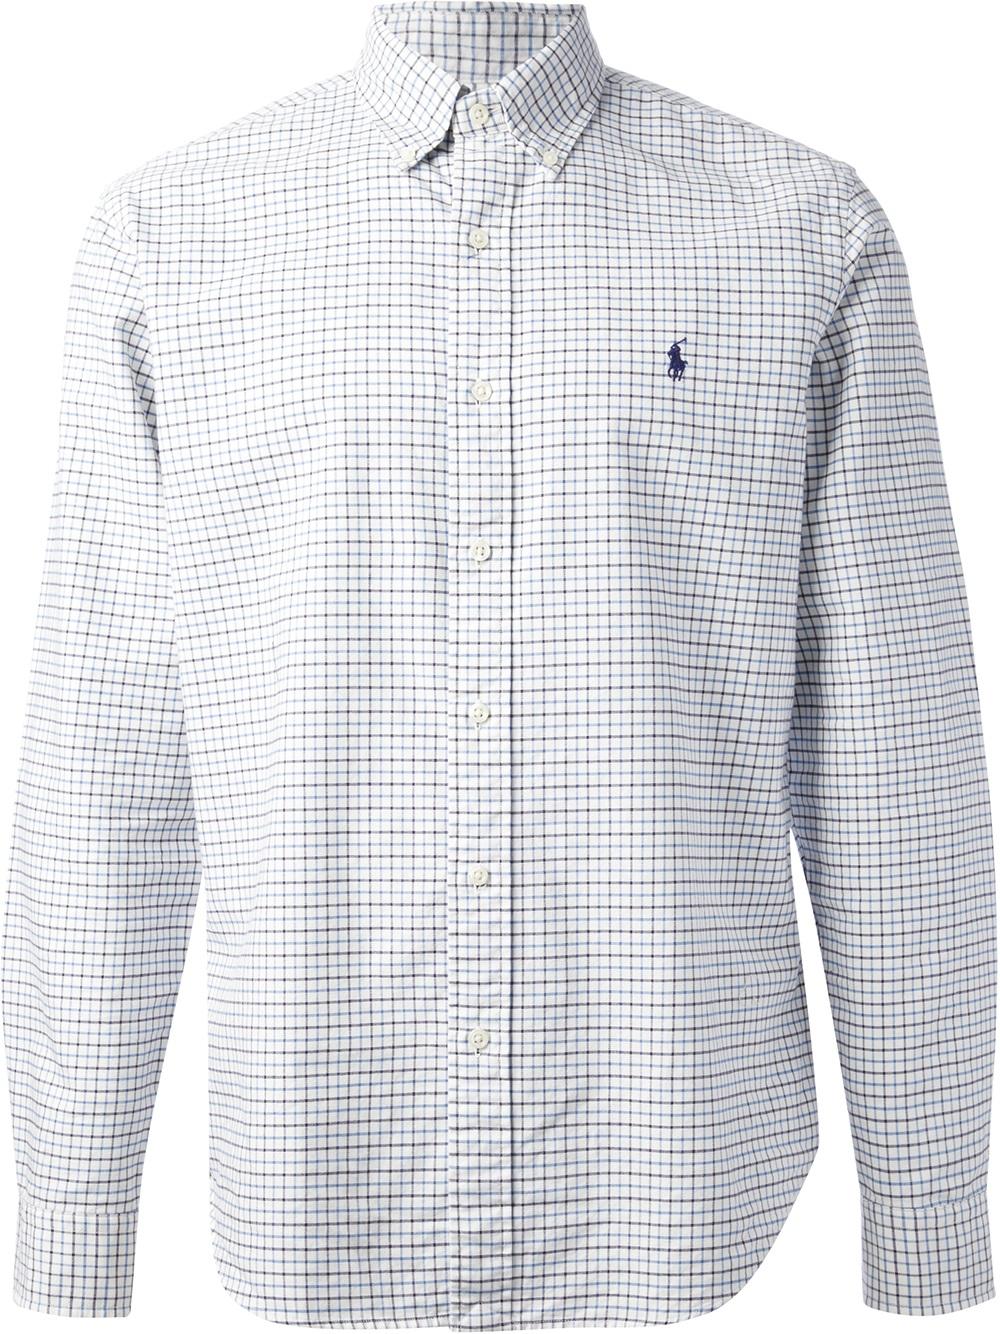 Lyst - Polo ralph lauren Check Shirt in White for Men